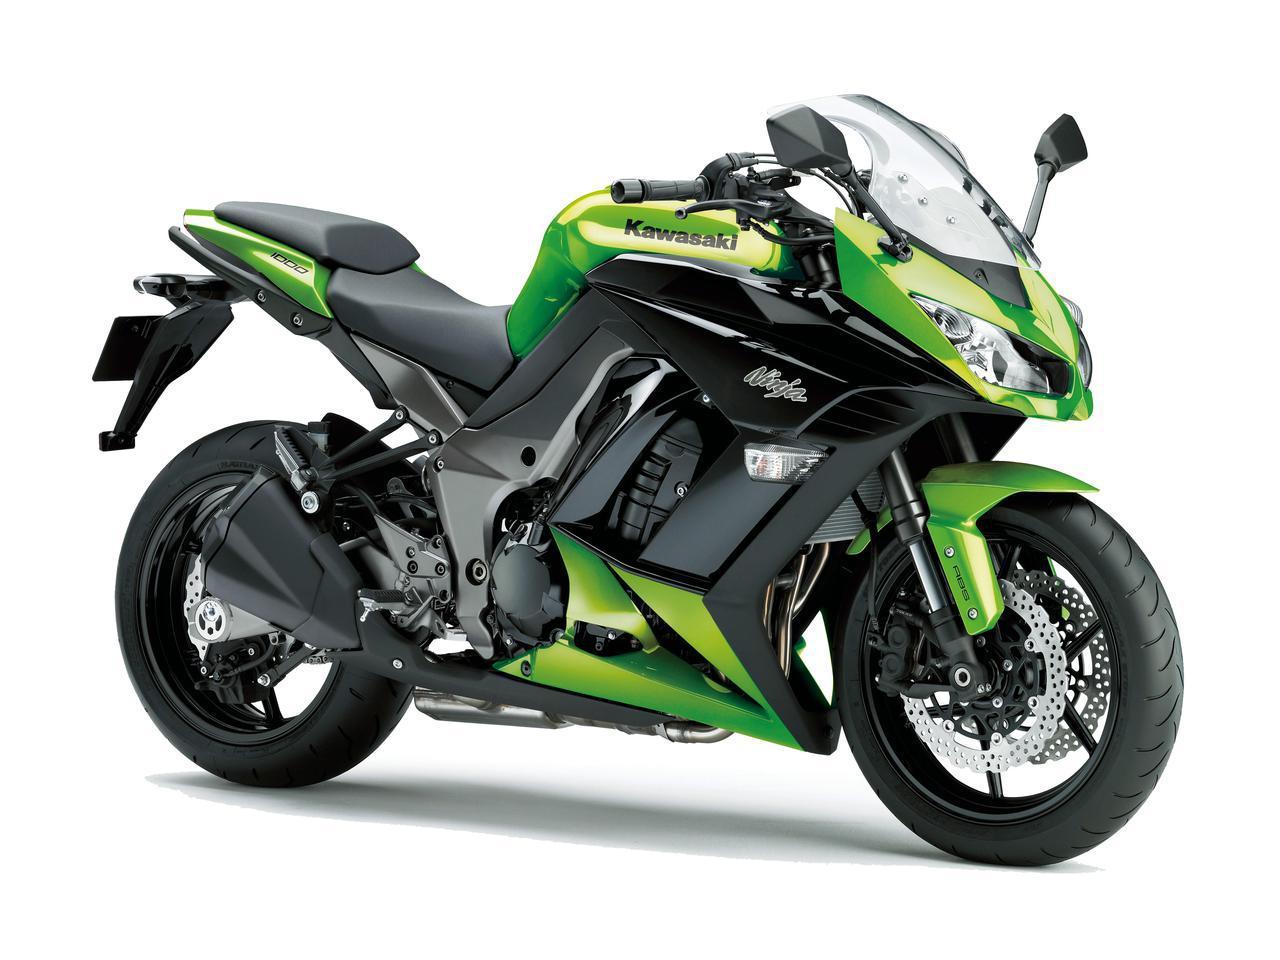 画像: 点検車両 Kawasaki「Ninja 1000 ABS」 2012 モデル車のニンジャ1000は2012年式で走行距離4万キロ弱。基本的なメンテナンス、消耗部品の交換は自分でやってきたが、改めてプロの厳しい目でチェックしてもらった。